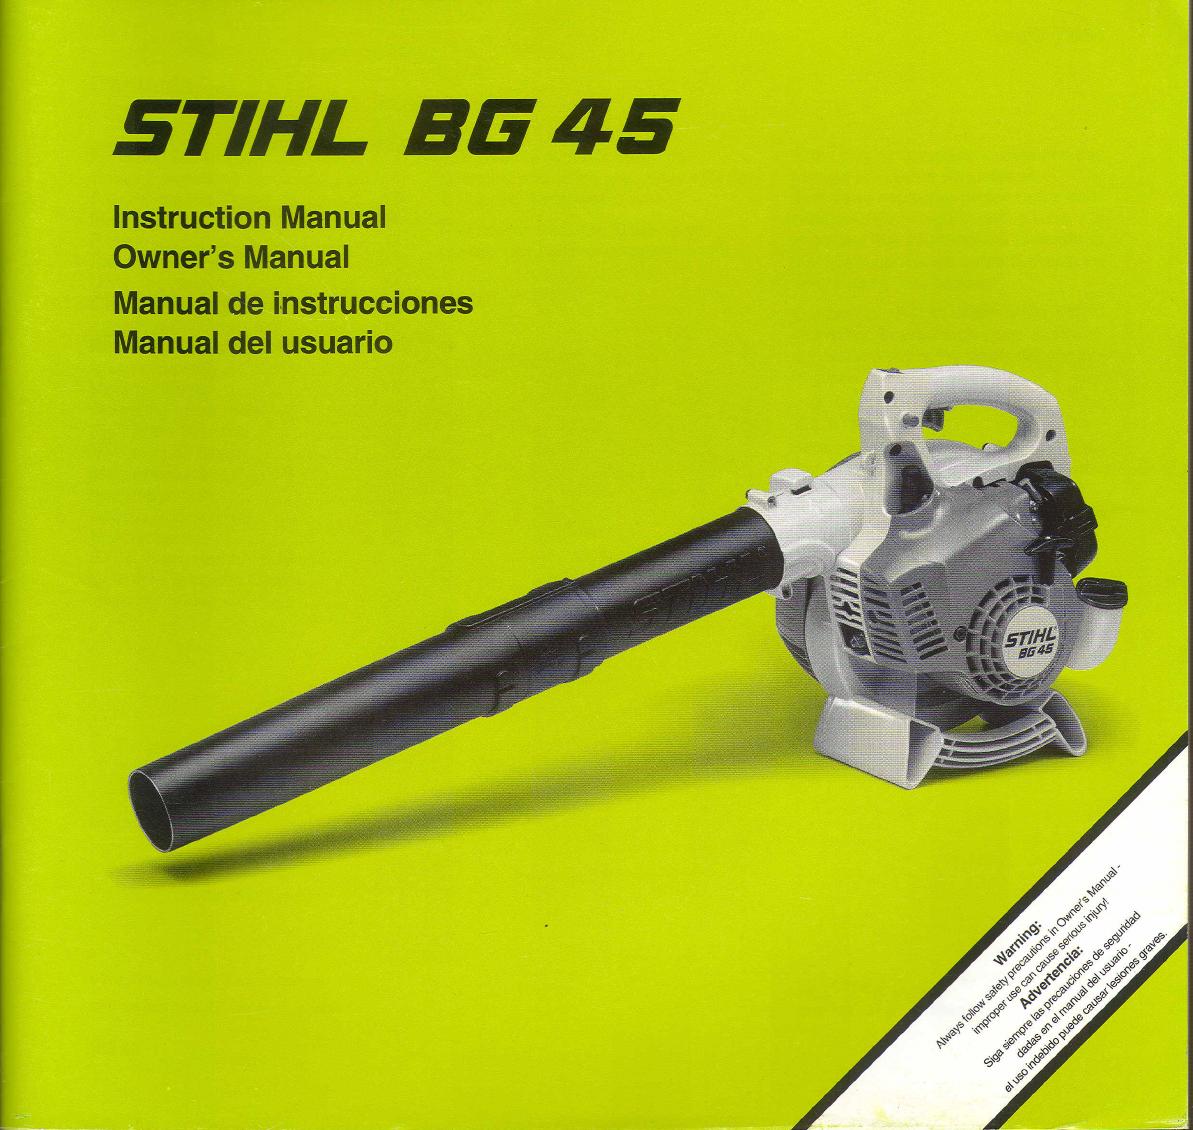 bedienungsanleitung stihl bg45 (seite 1 von 50) (englisch, spanisch)